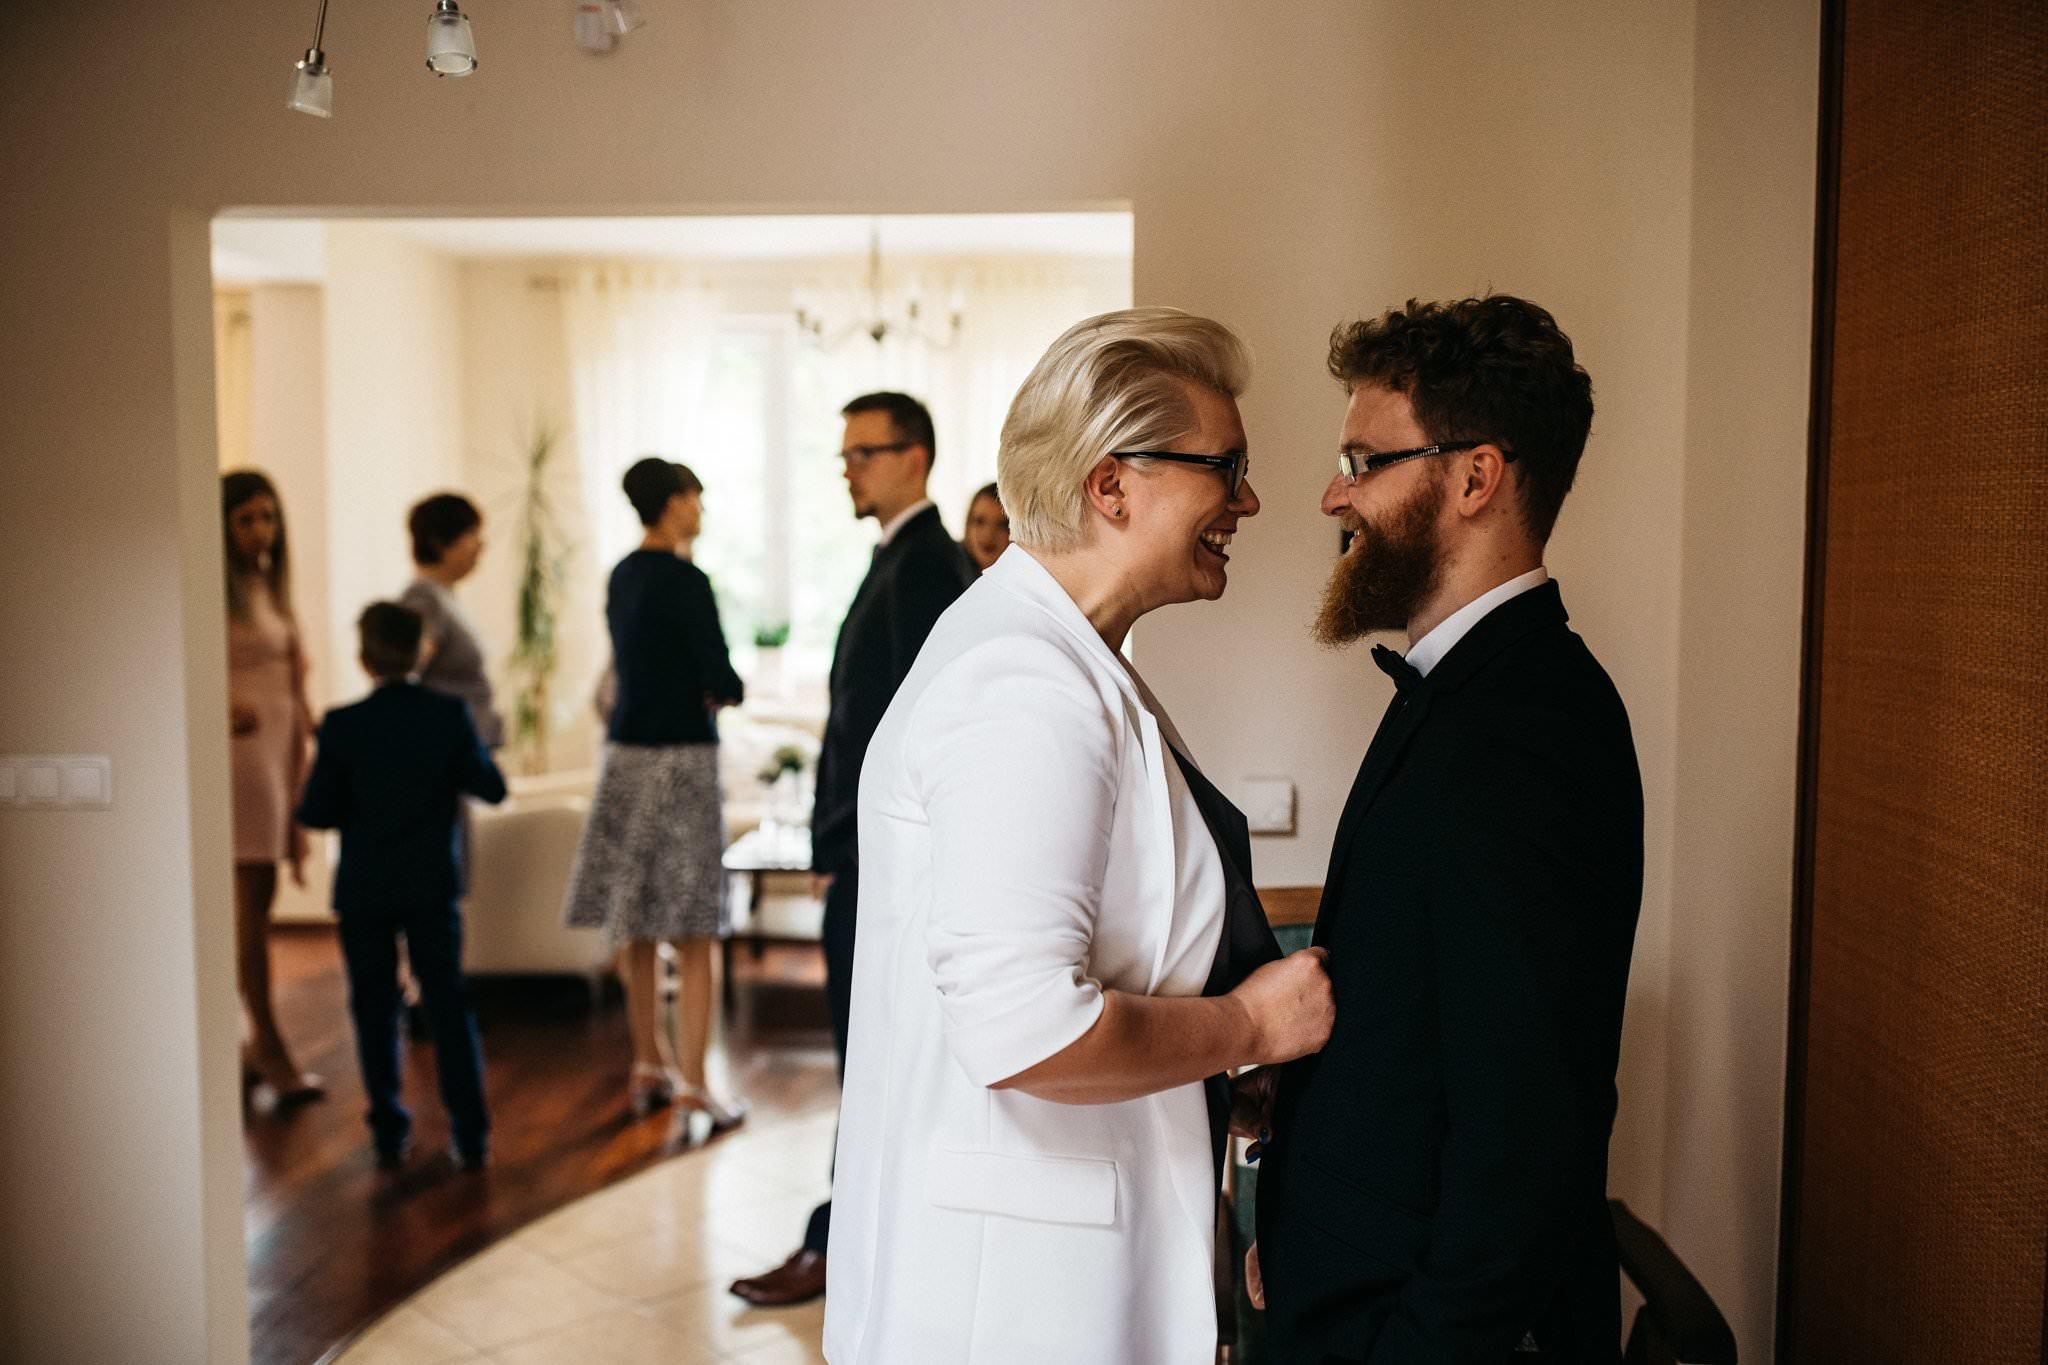 Miła atmosfera w trakcie przygotowań do ślubu